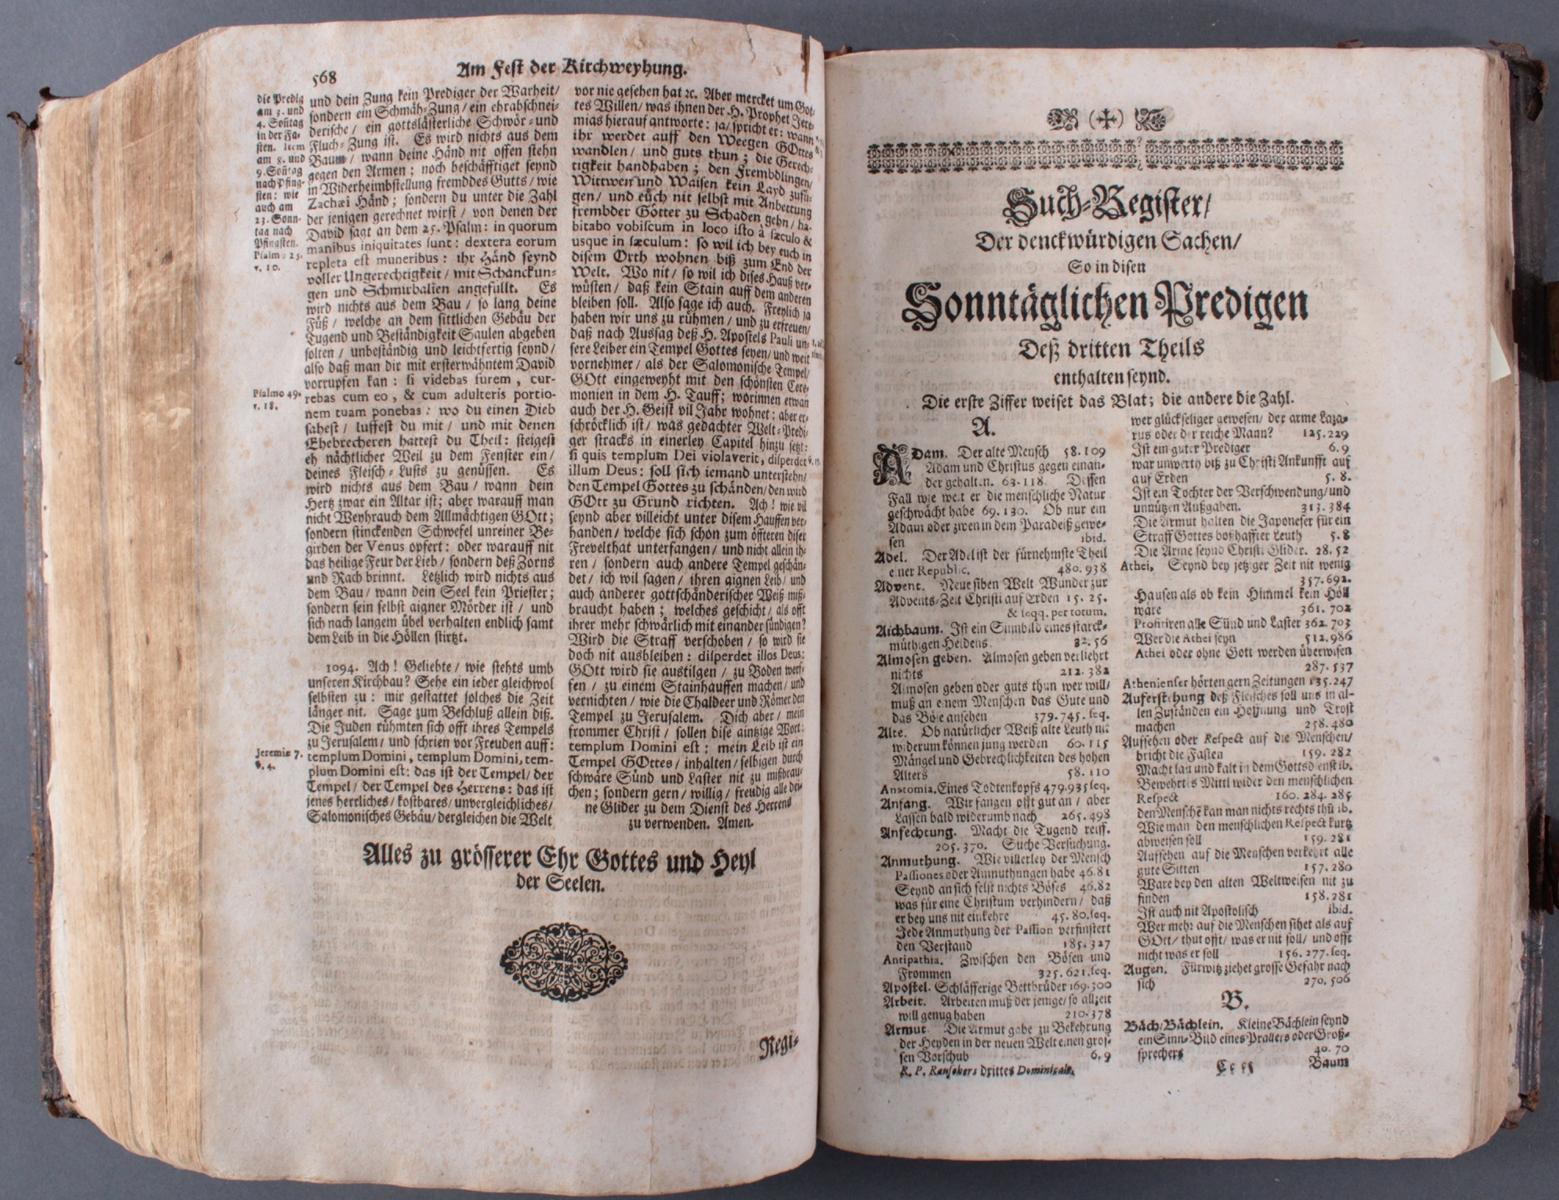 Bibel in 2 Teilen von 1697/98-4